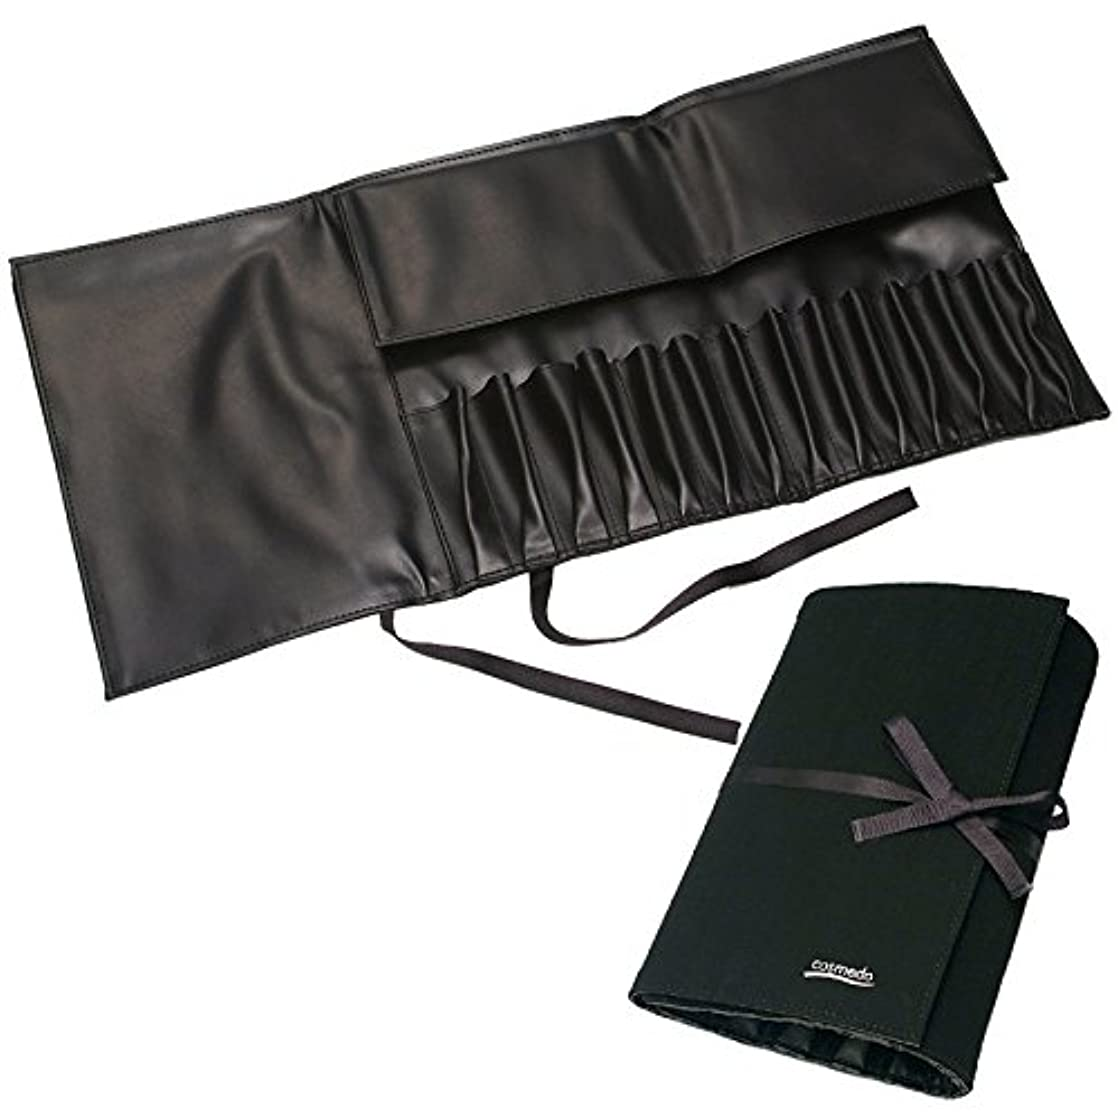 二層実証する関与する匠の化粧筆コスメ堂 レギュラータイプ用メイクブラシ収納ケース大(14本収納)スウェードタイプ